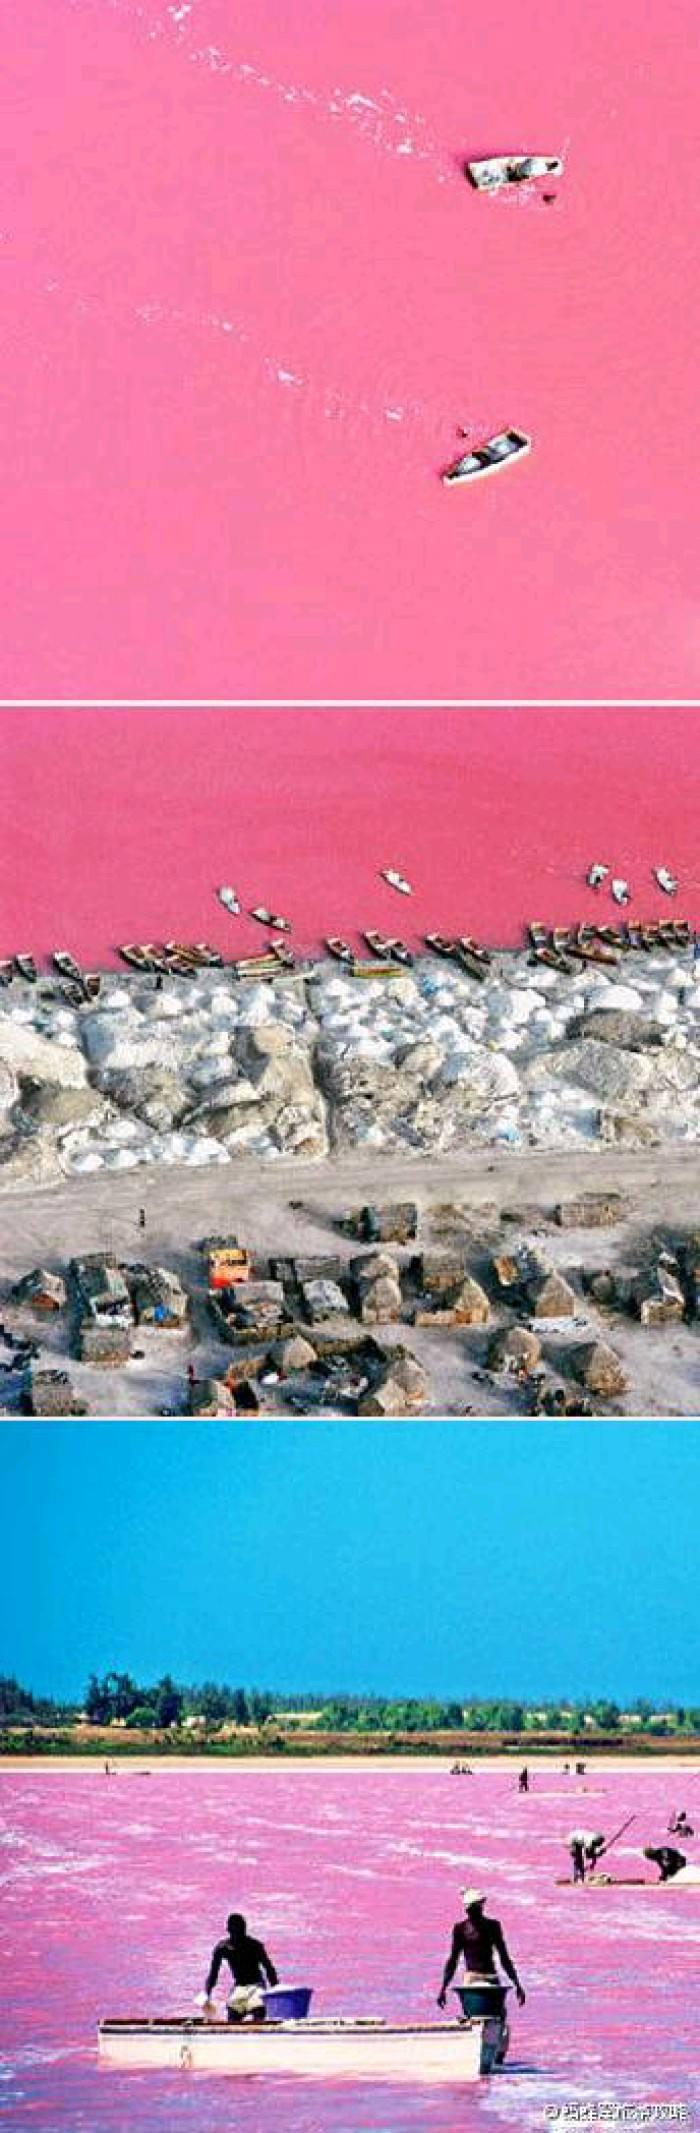 塞内加尔玫瑰湖_塞内加尔粉色玫瑰湖为什么颜色会变 游泳可以浮起来吗里面有鱼 ...